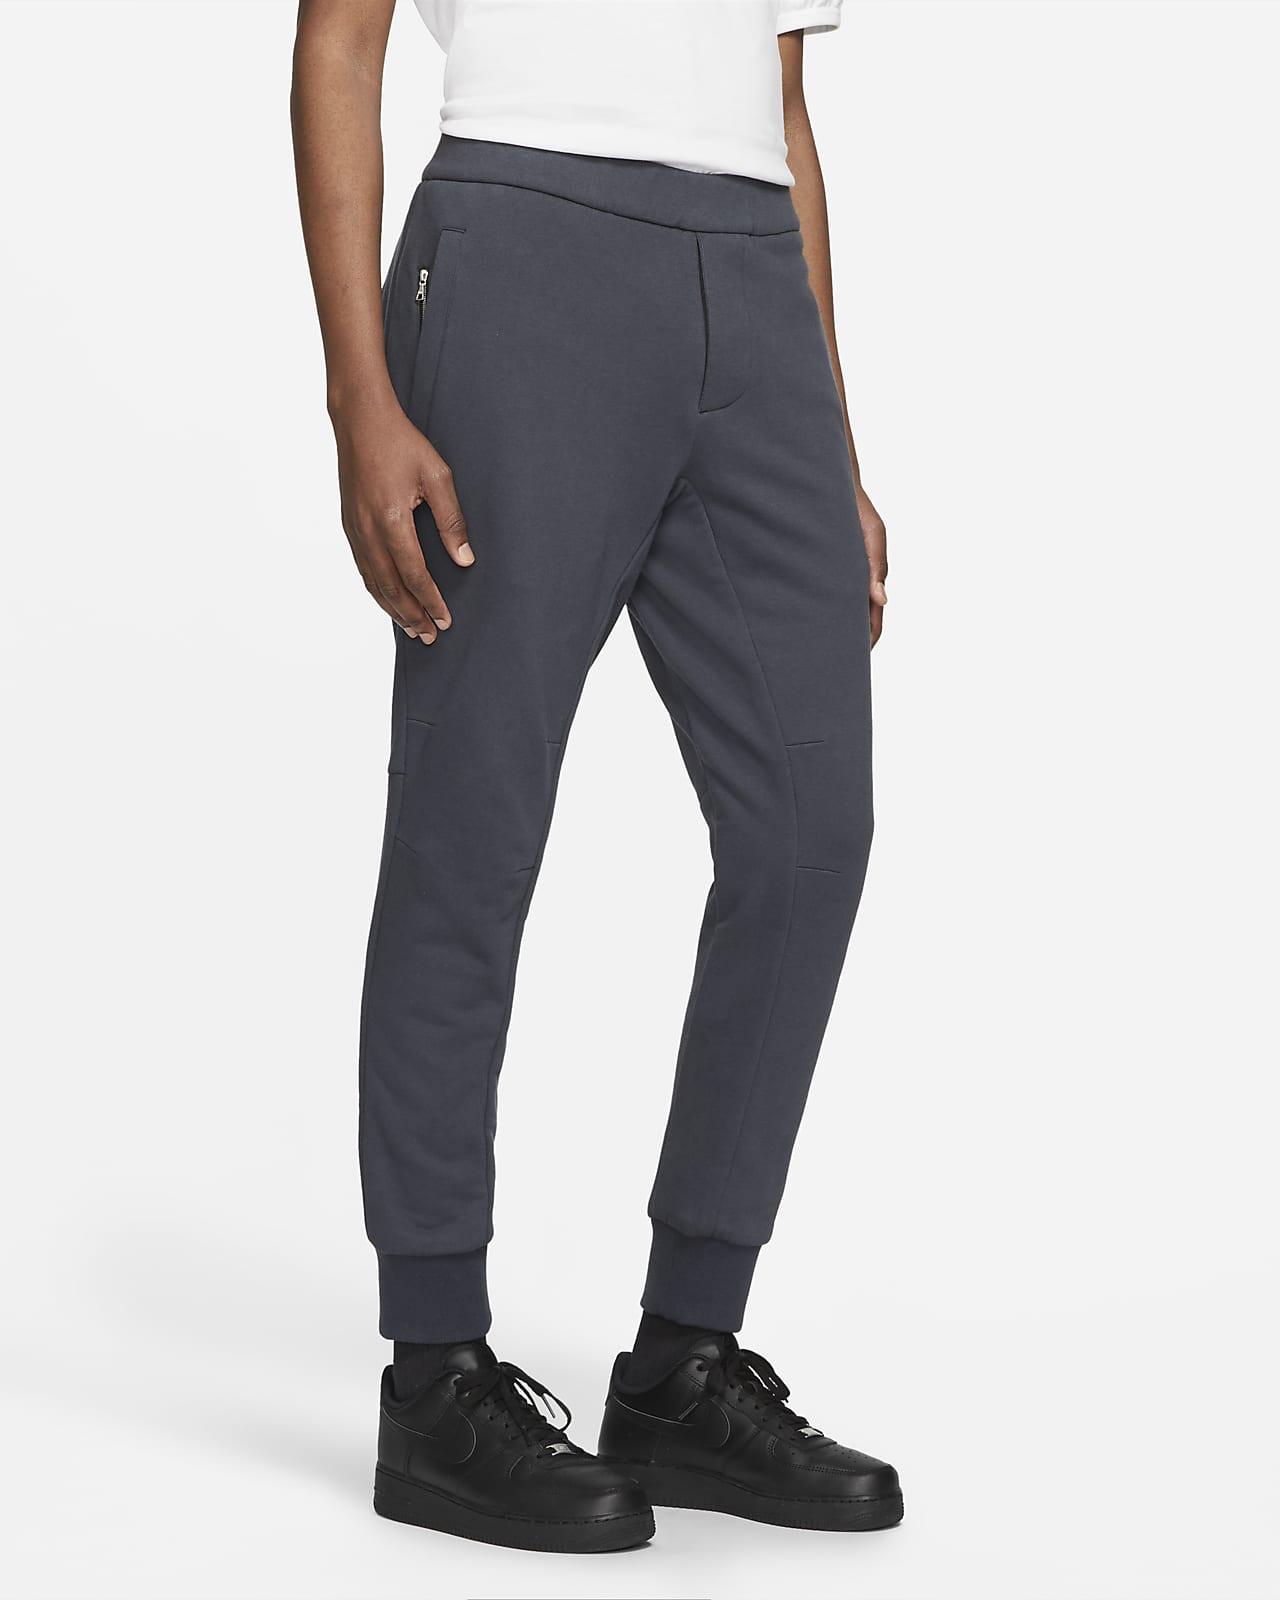 Pantalon de jogging ajusté Nike ESC pour Homme